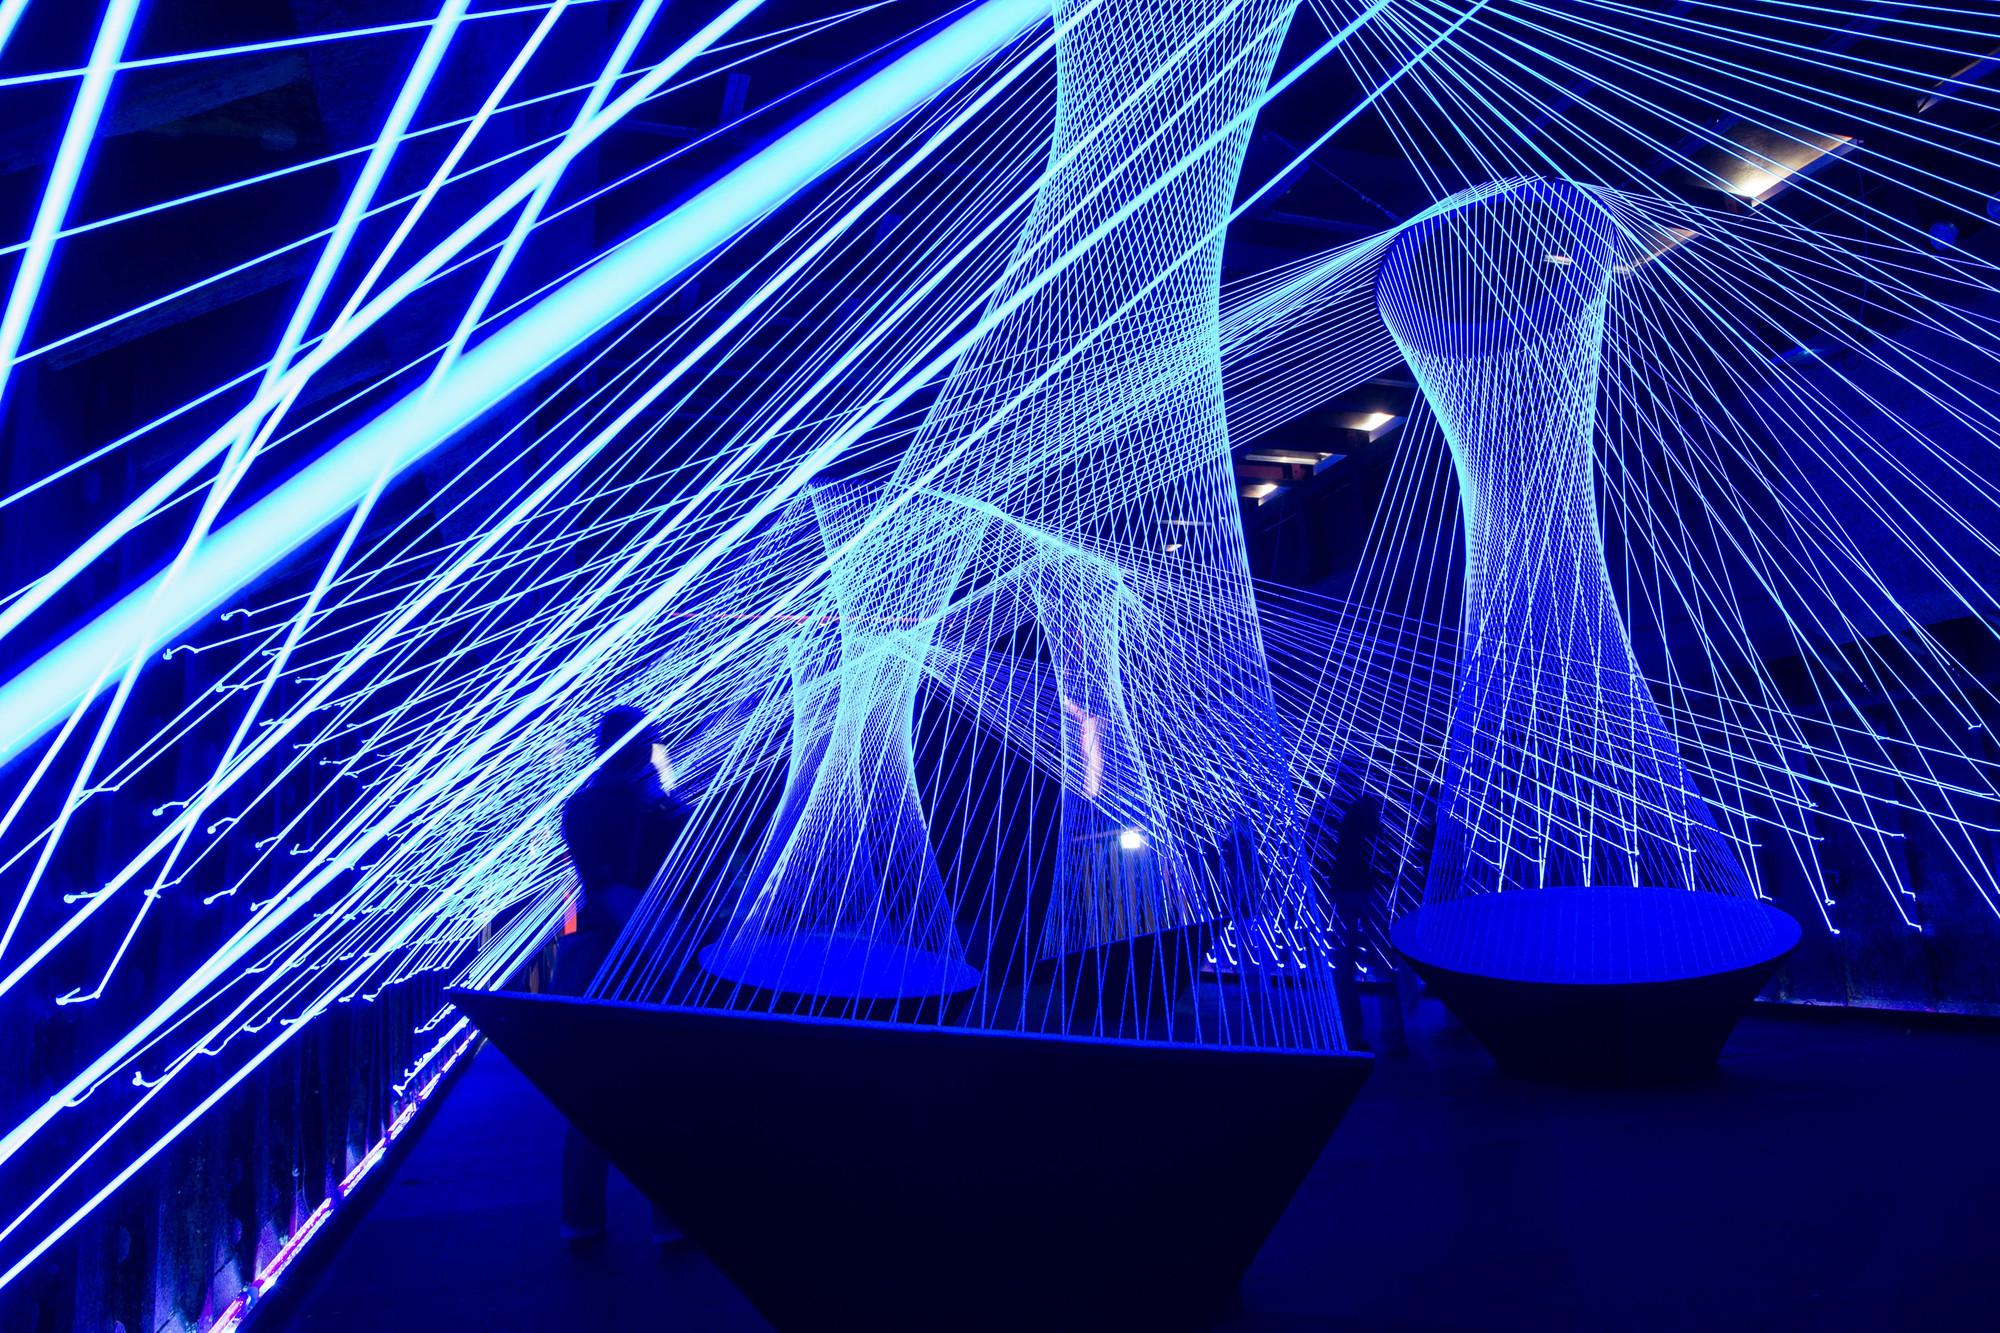 Gallery Of Light Matters Europe S Leading Light Festivals